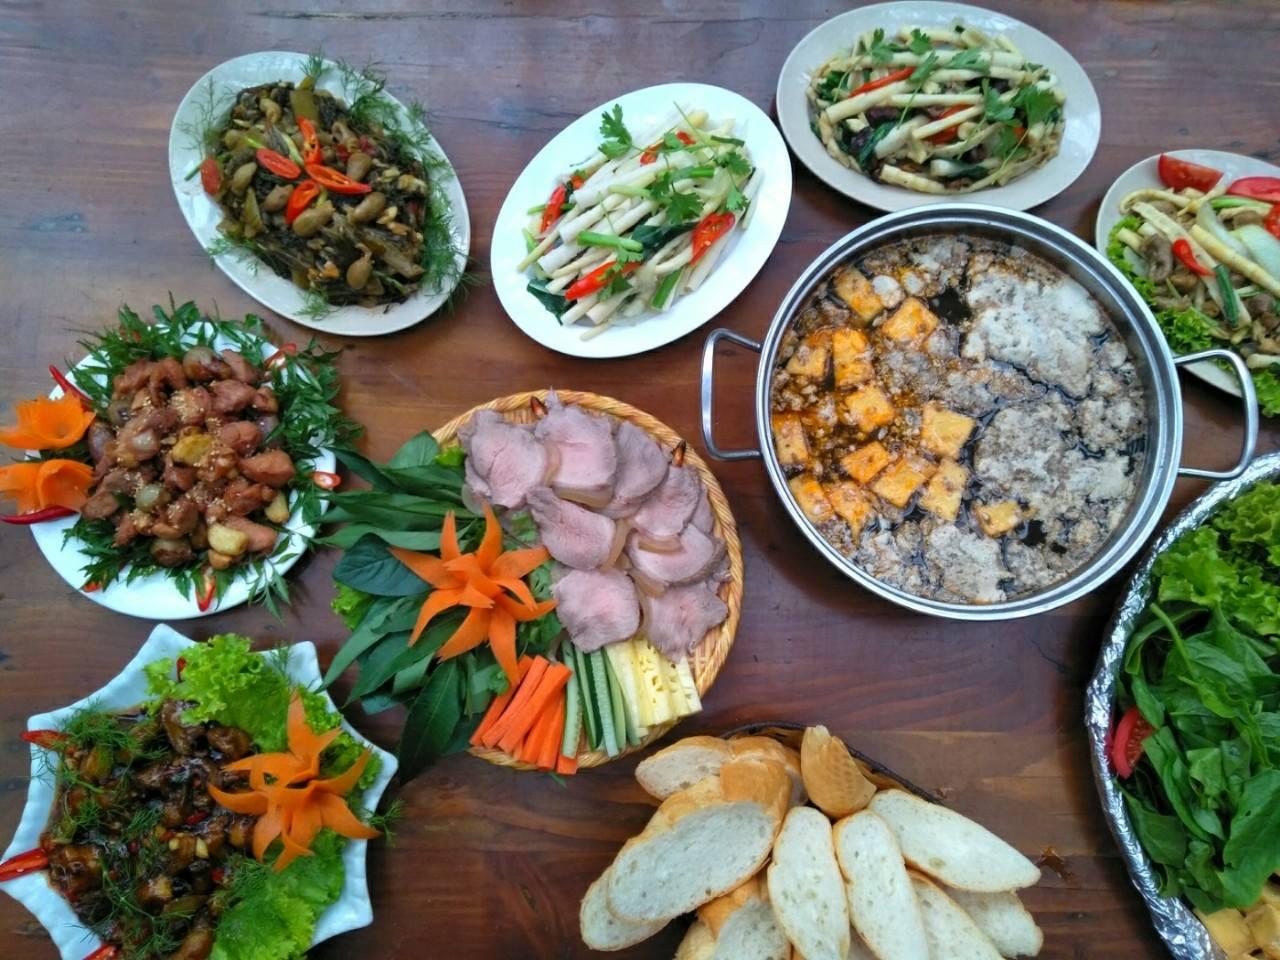 Pao Quán - Đặc Sản Tây Bắc món ăn